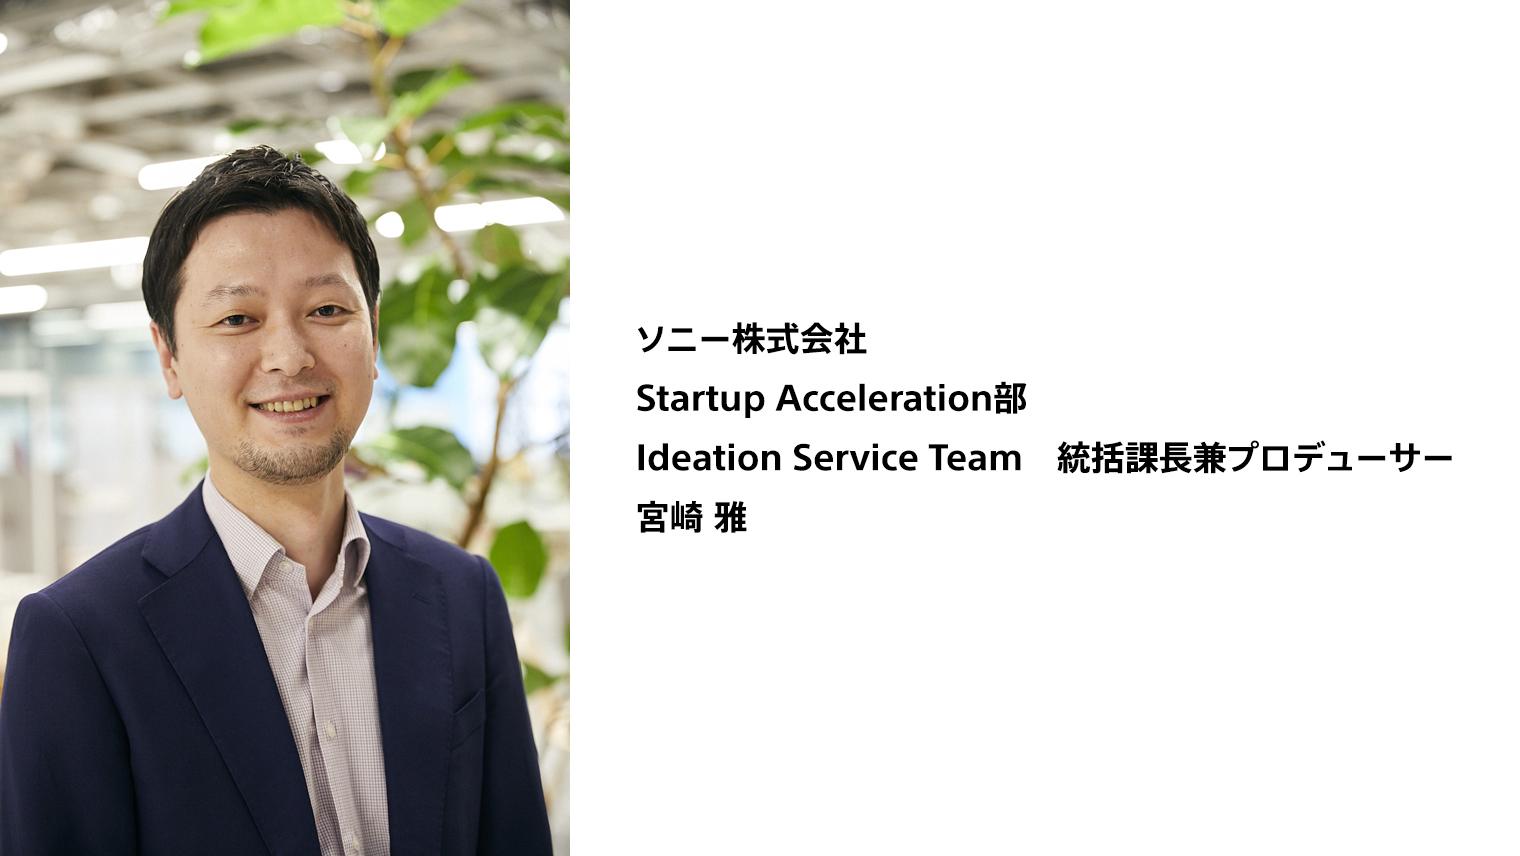 ソニー株式会社 Startup Acceleration部 Ideation Service Team 統括課長兼プロデューサー 宮崎 雅